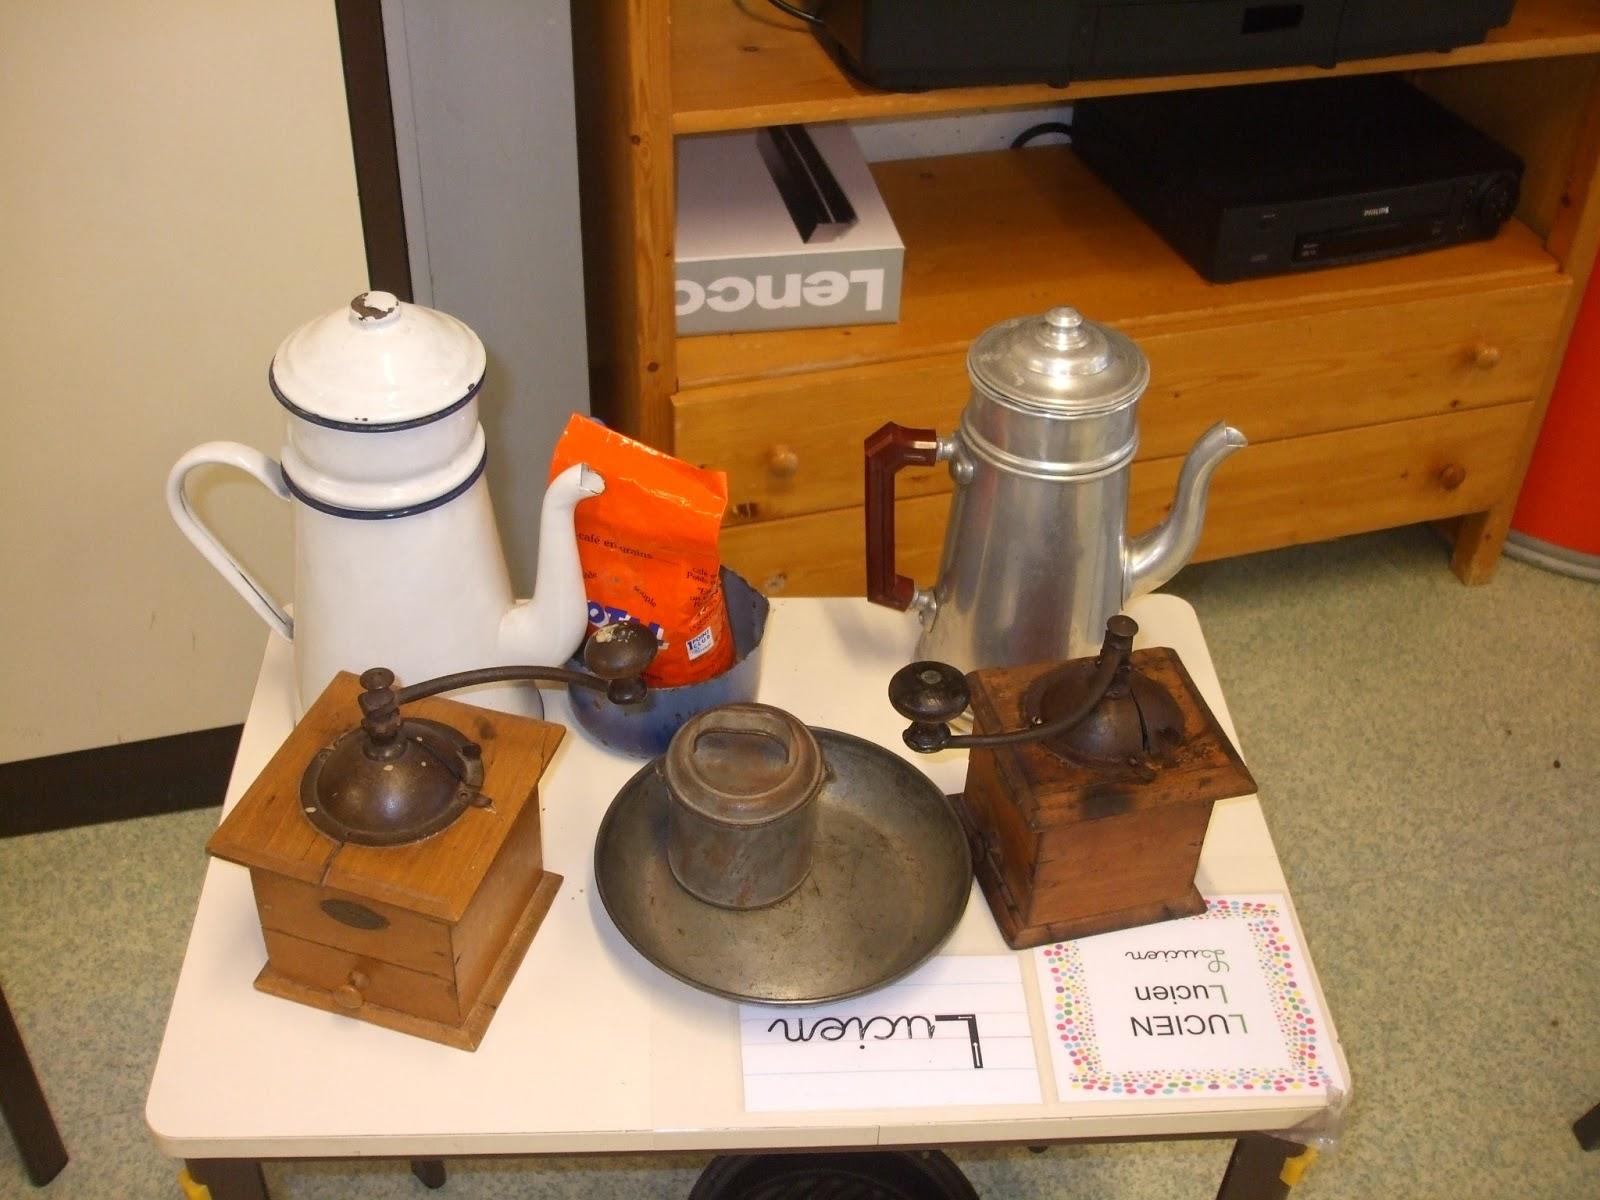 Les petites nouvelles de la classe maternelle des objets anciens dans no - Photos objets anciens ...